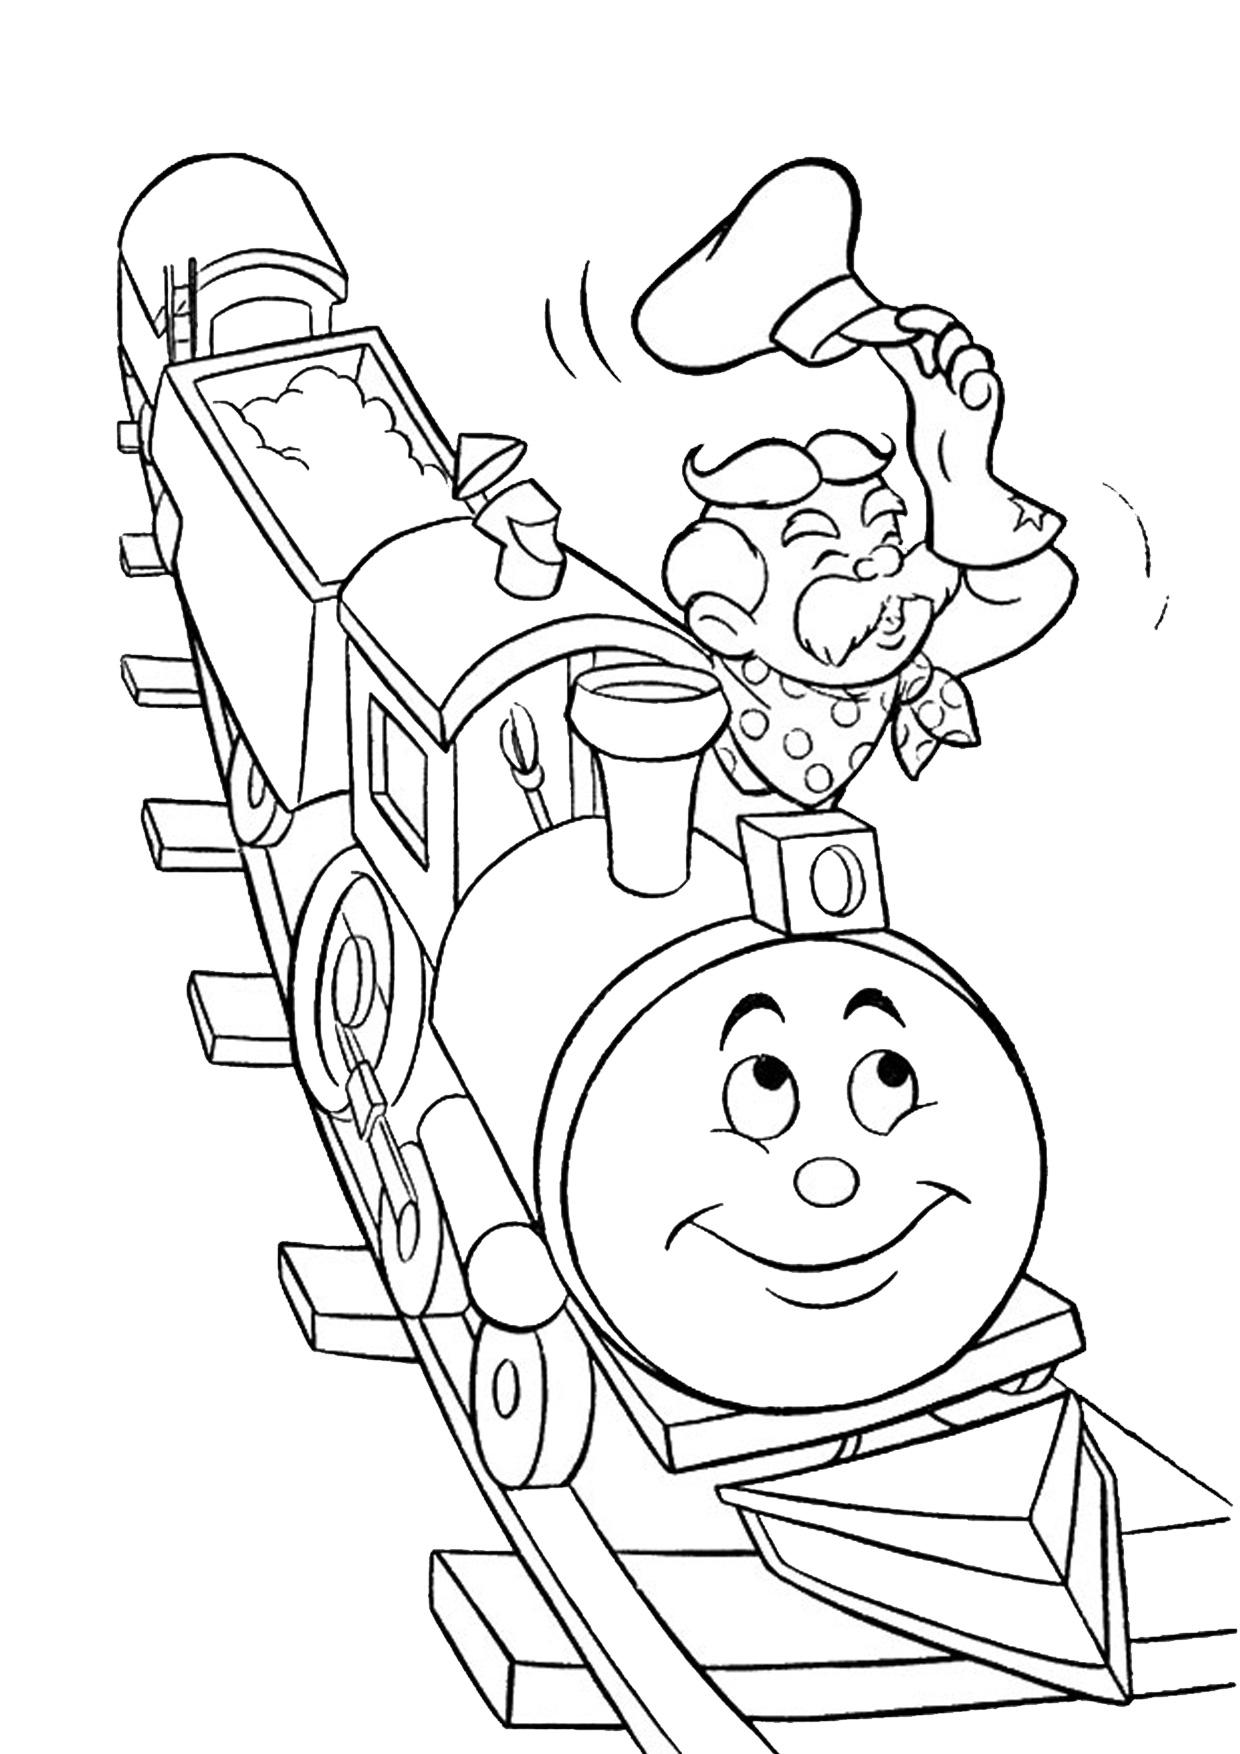 Disegno di treno cartoon da colorare 09